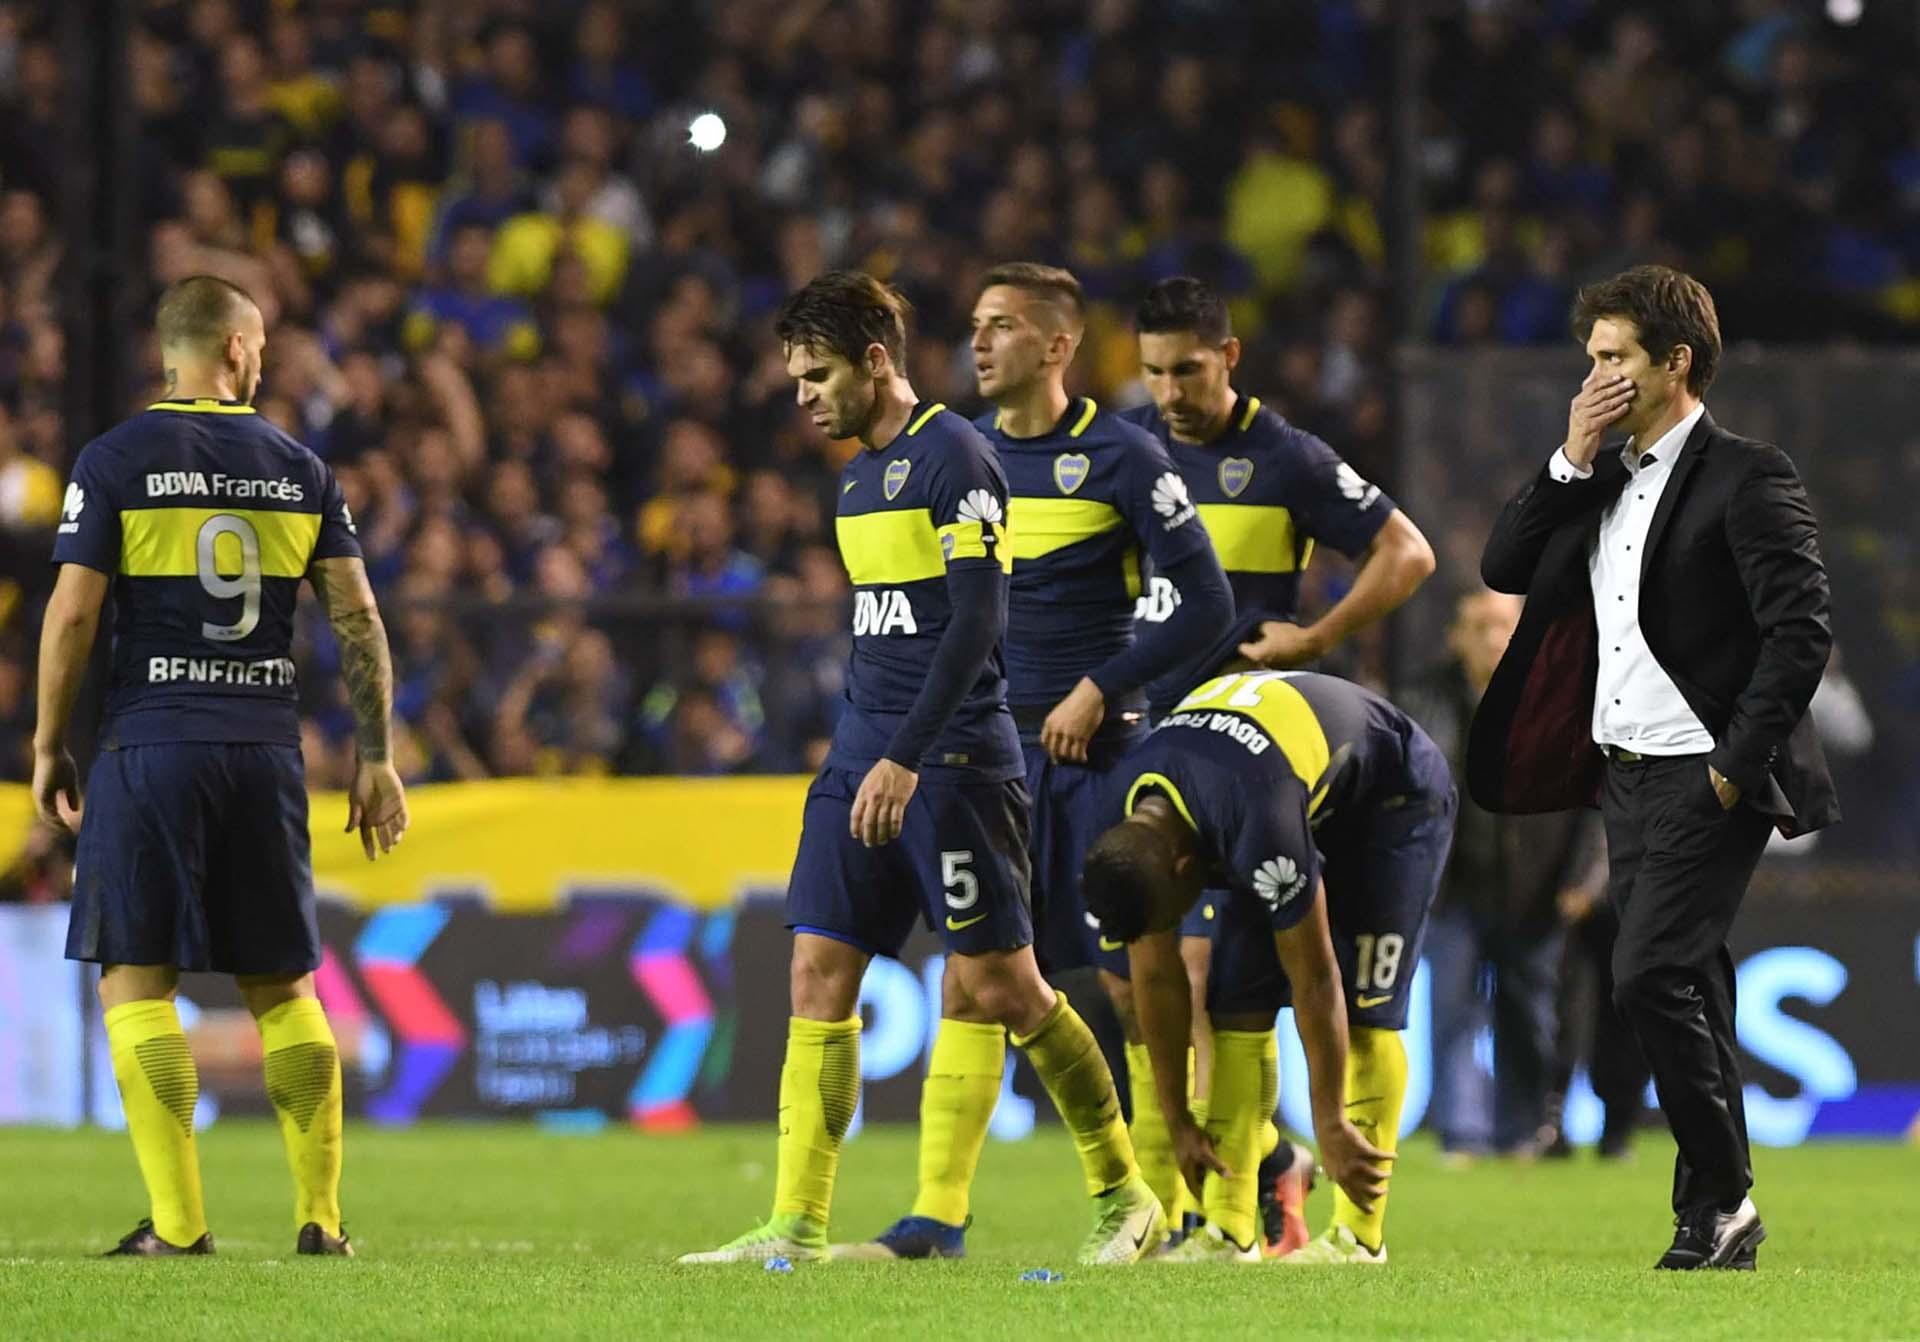 Al retirarse del estadio, el único miembro del plantel de Boca que habló con los medios fue el técnico Guillermo Barros Schelotto